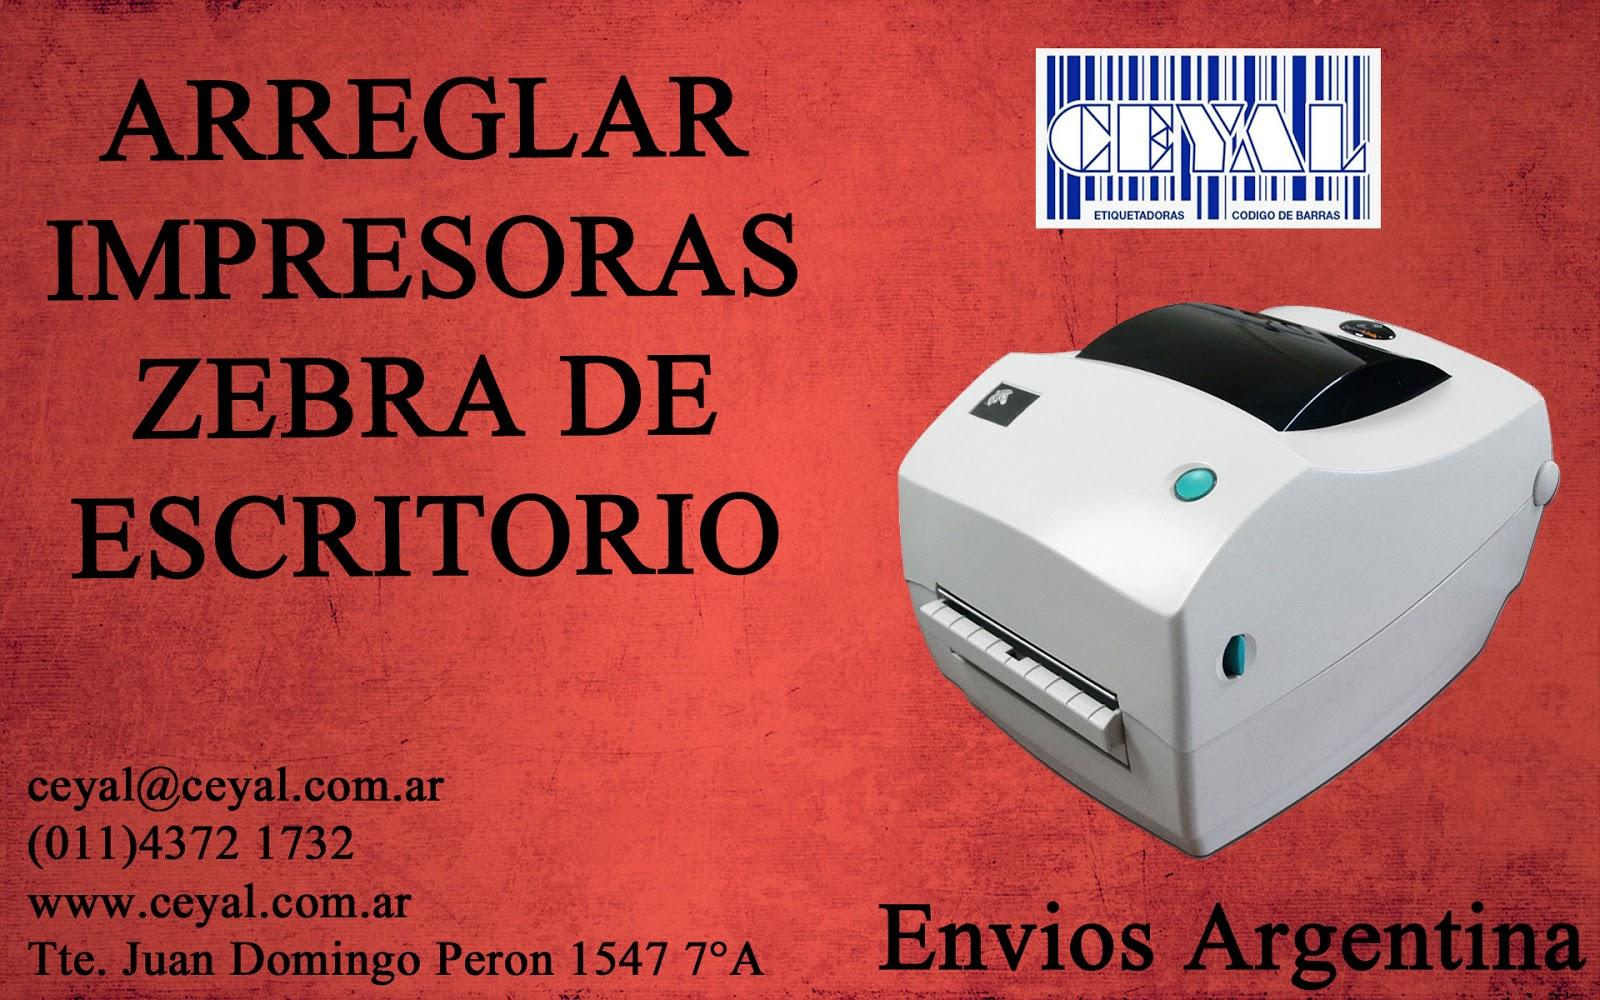 Argentina accesorios para el etiquetado para perfumes Benavidez argentina